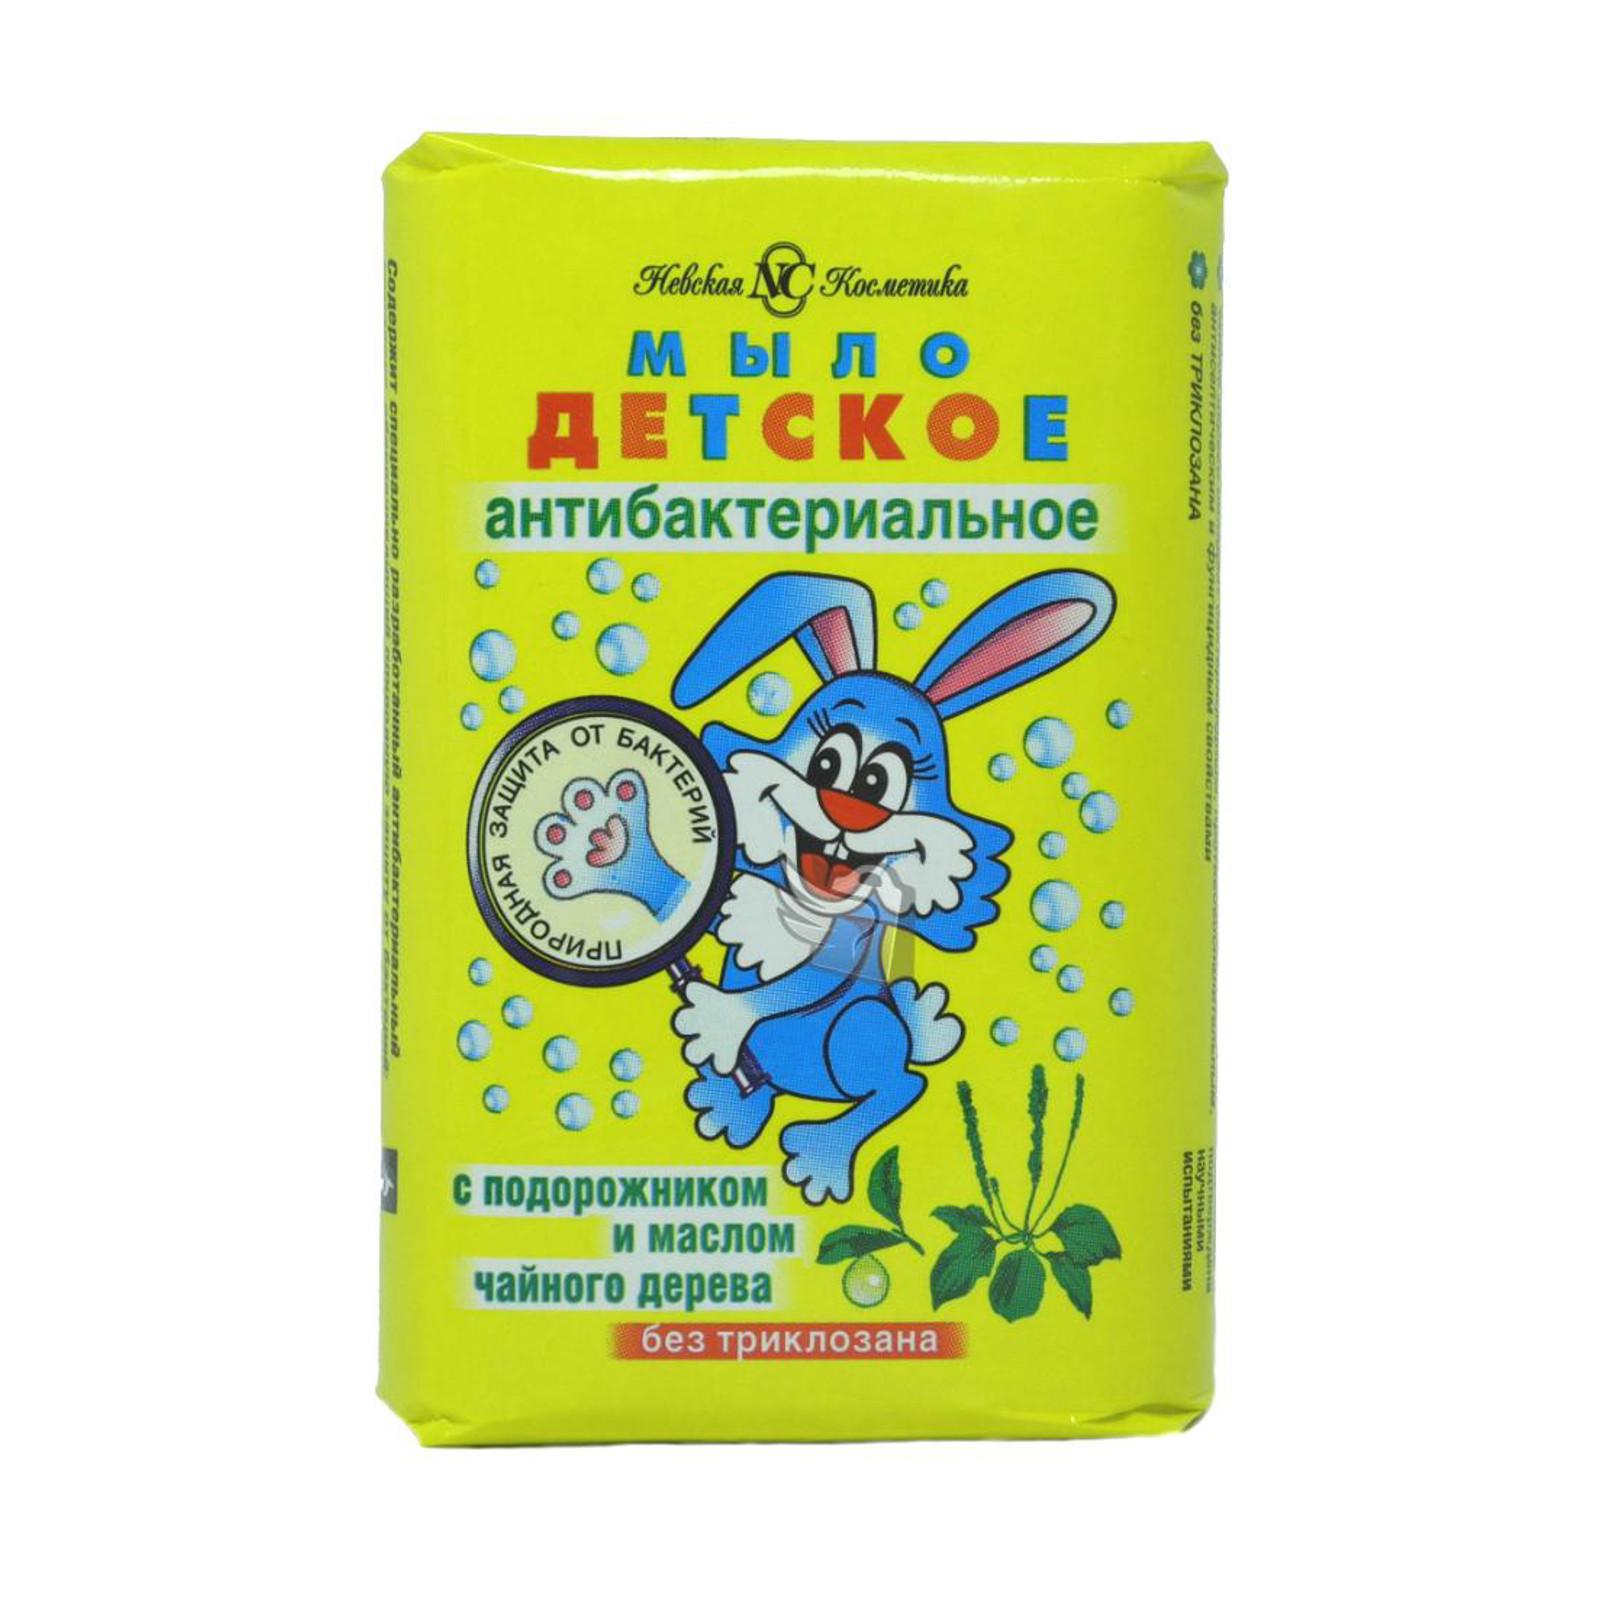 Мыло Невская косметика с антибактериальным эффектом 90 гр